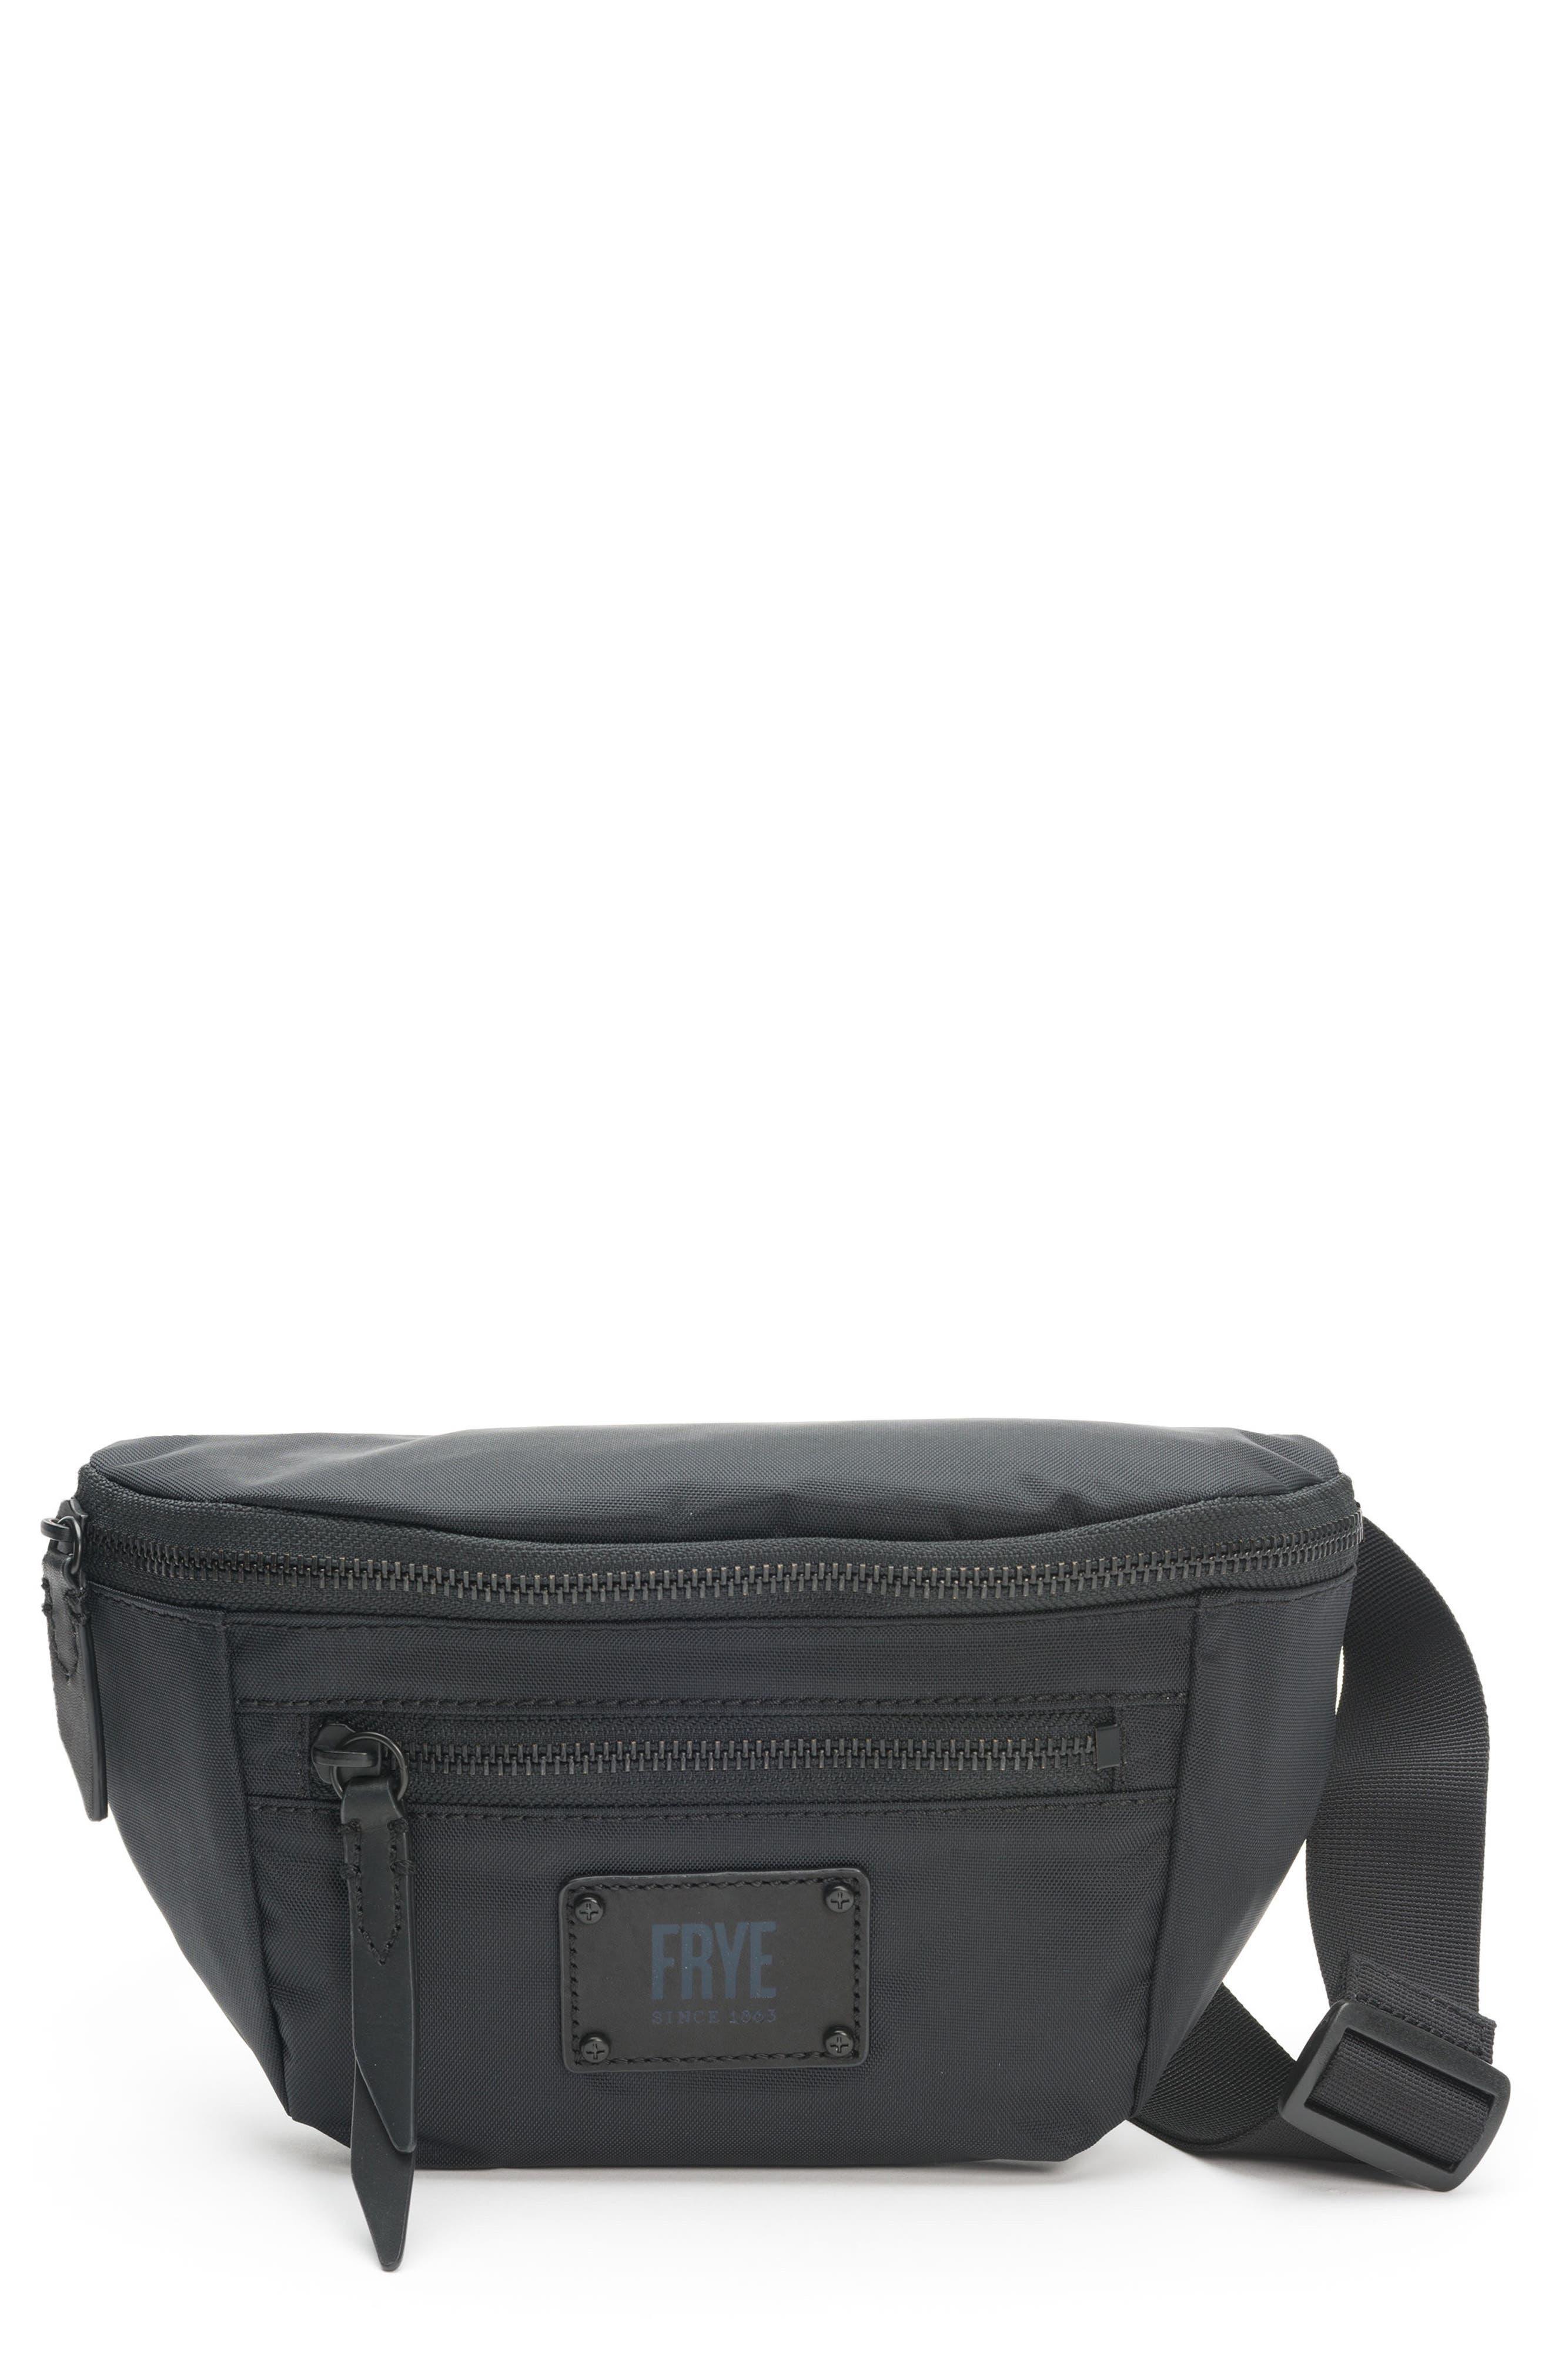 Ivy Nylon Belt Bag, Main, color, 001